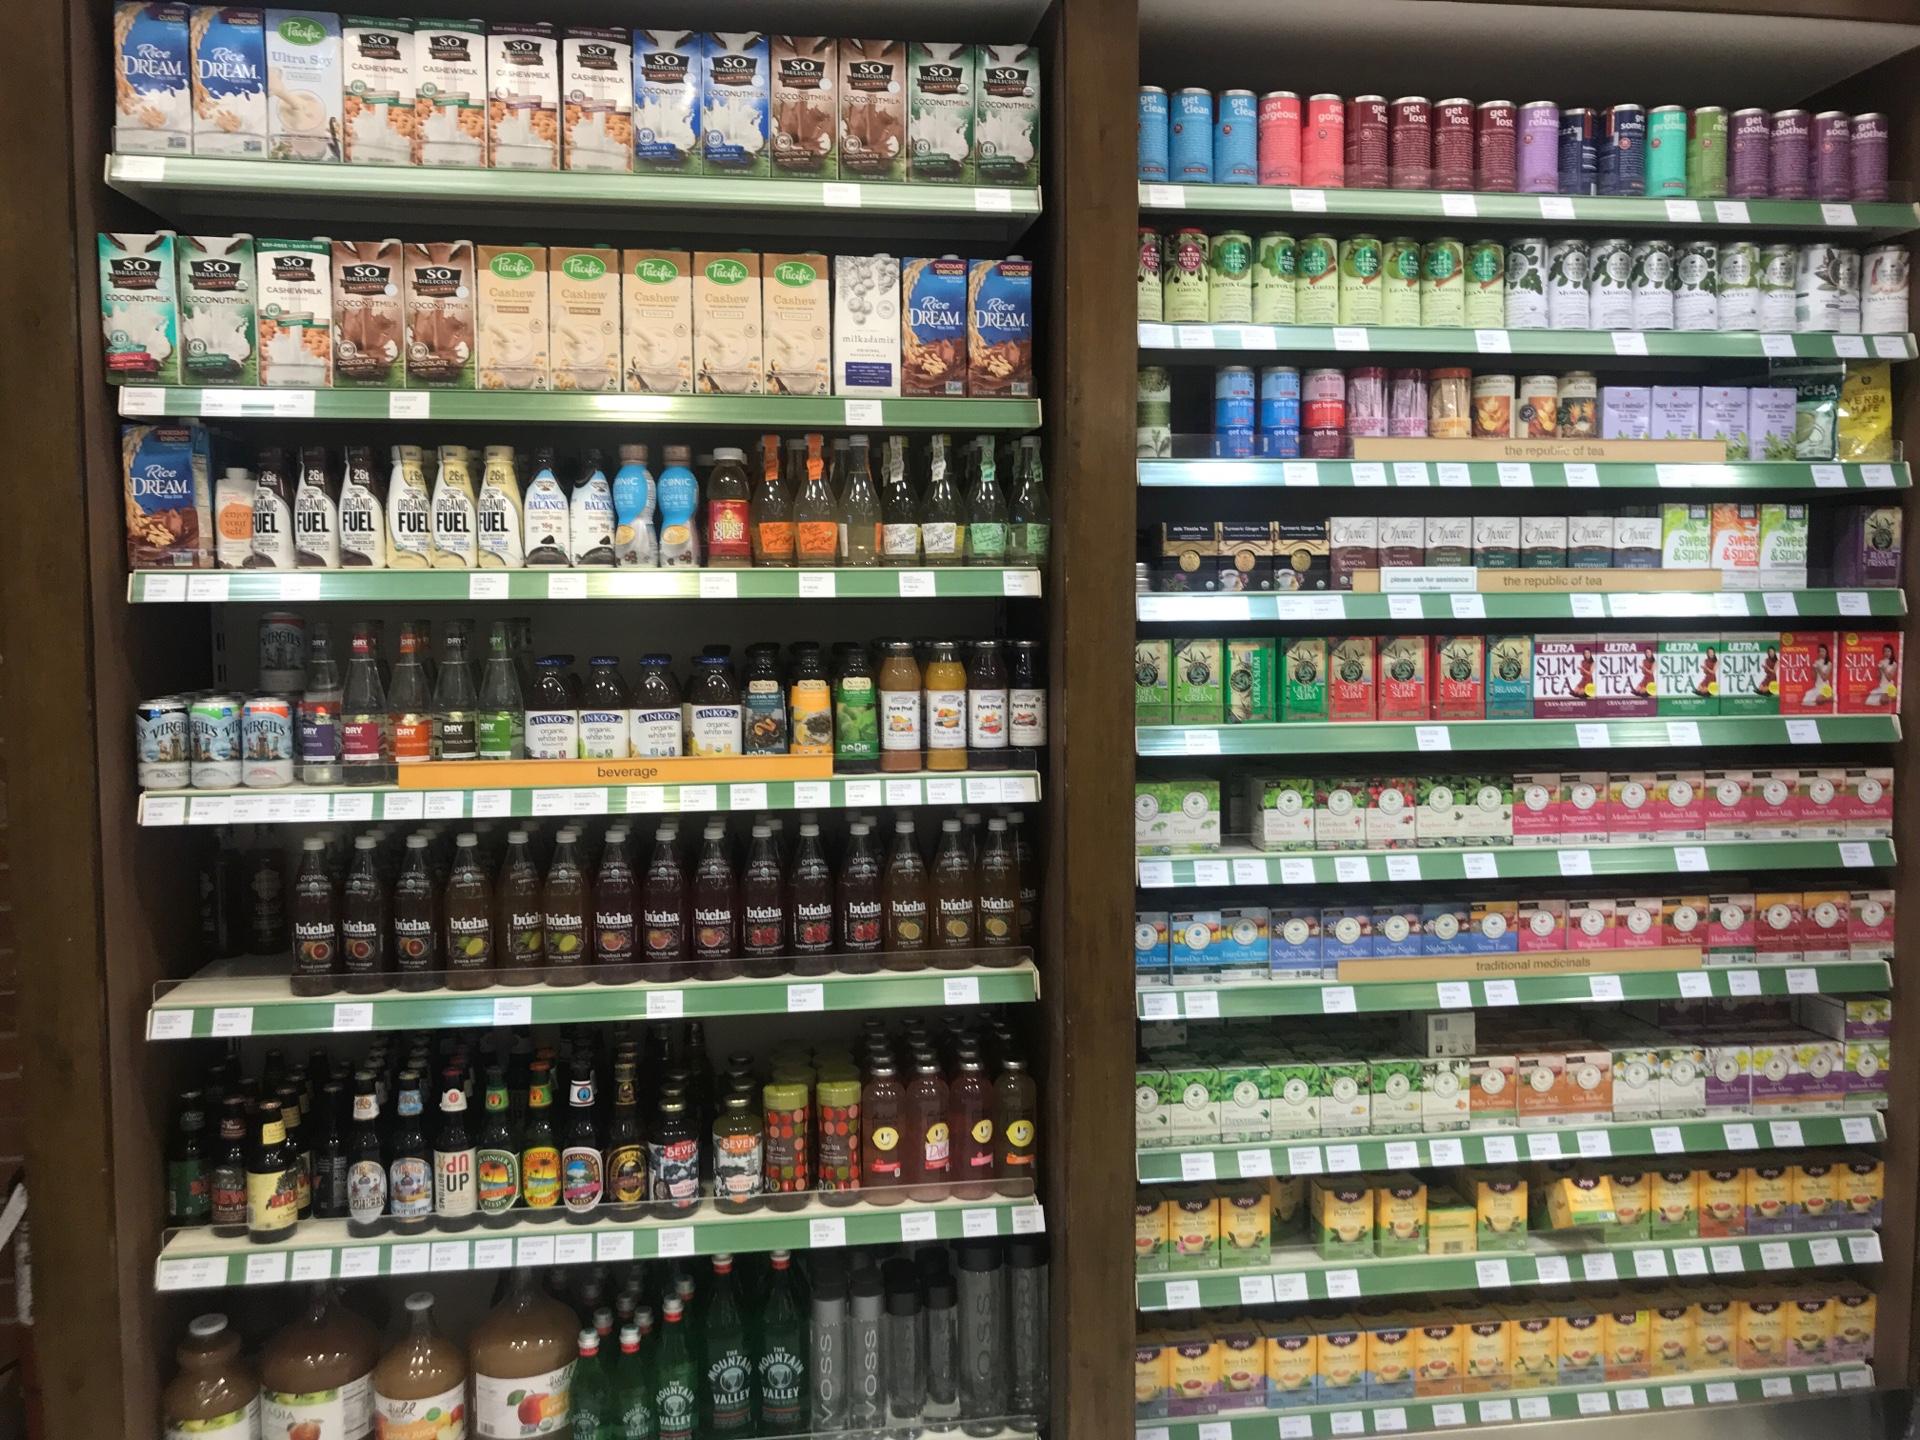 セブでオーガニック商品が買えるお店「Healthy Option」